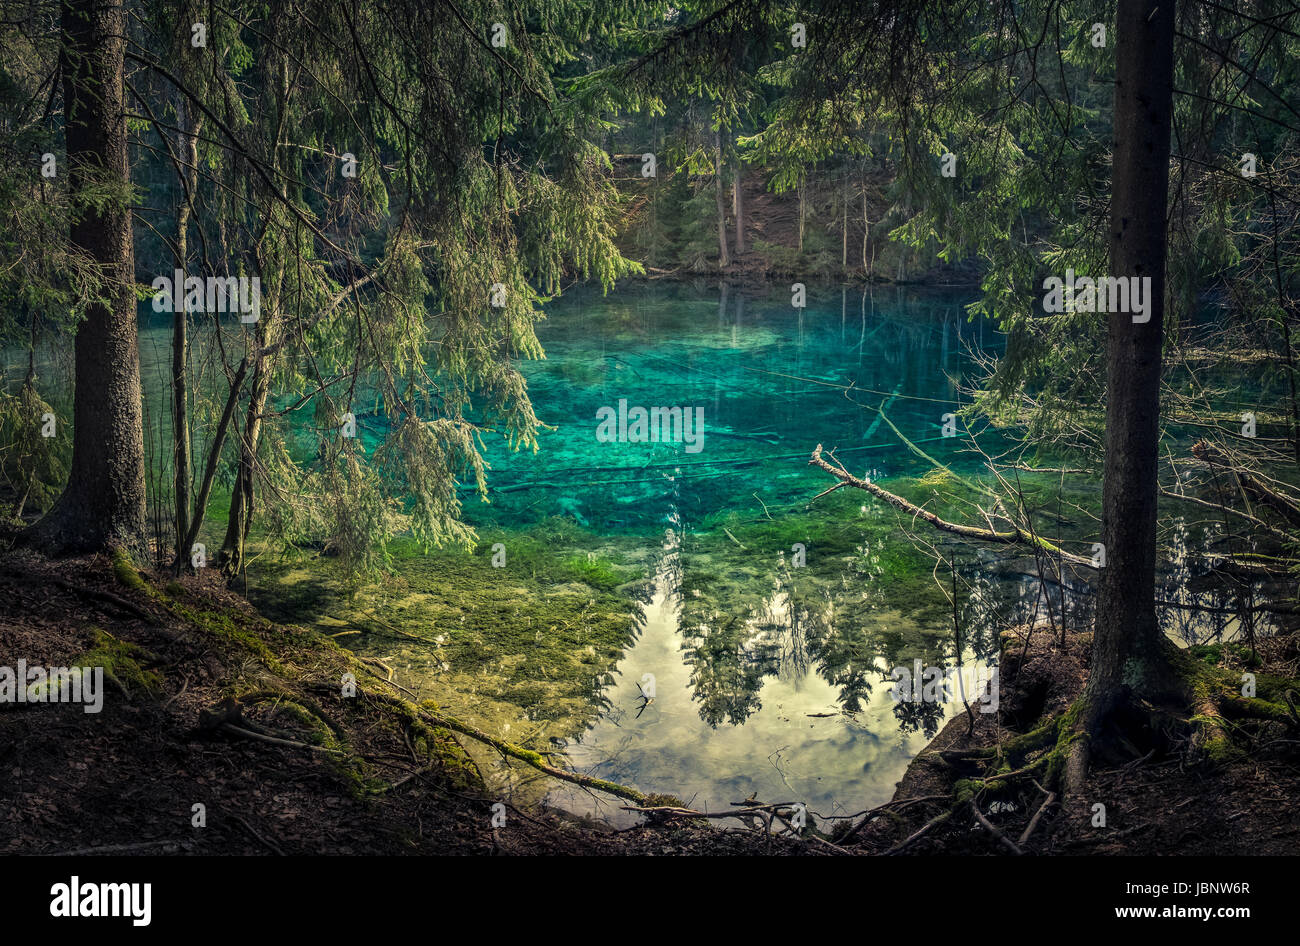 Naturquelle in Südfinnland. Wasser ist so klar, dass es ist Türkis Farbe. Wasser kann direkt aus der Quelle Stockbild